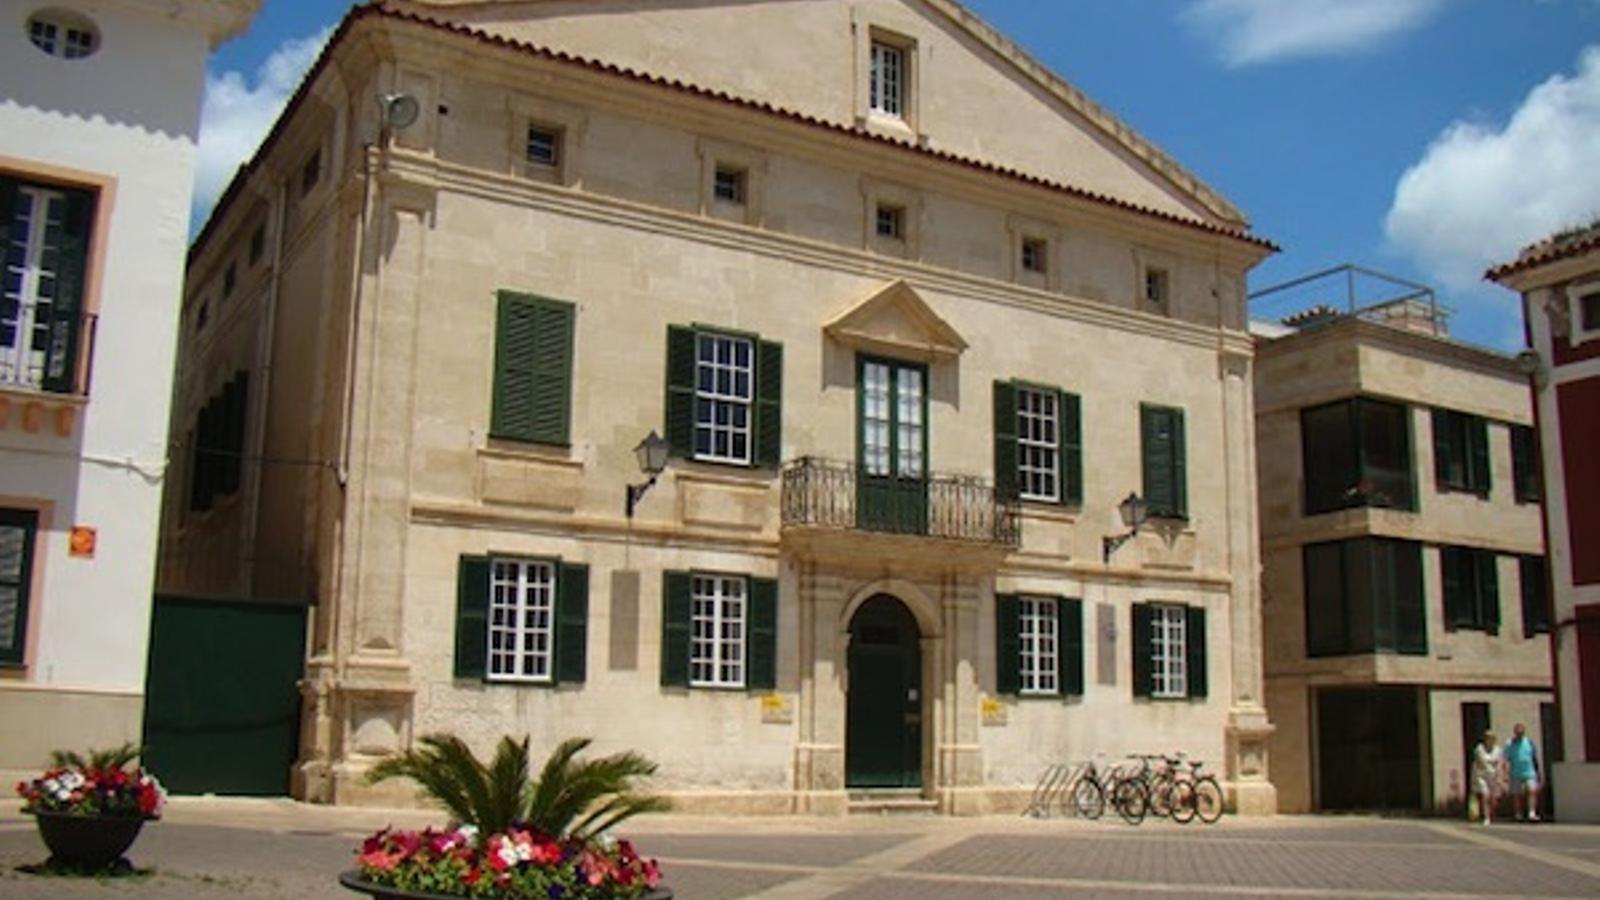 L'emblemàtic edifici, titularitat de l'Ajuntament de Maó lidera el projecte de préstec d'obres d'art.